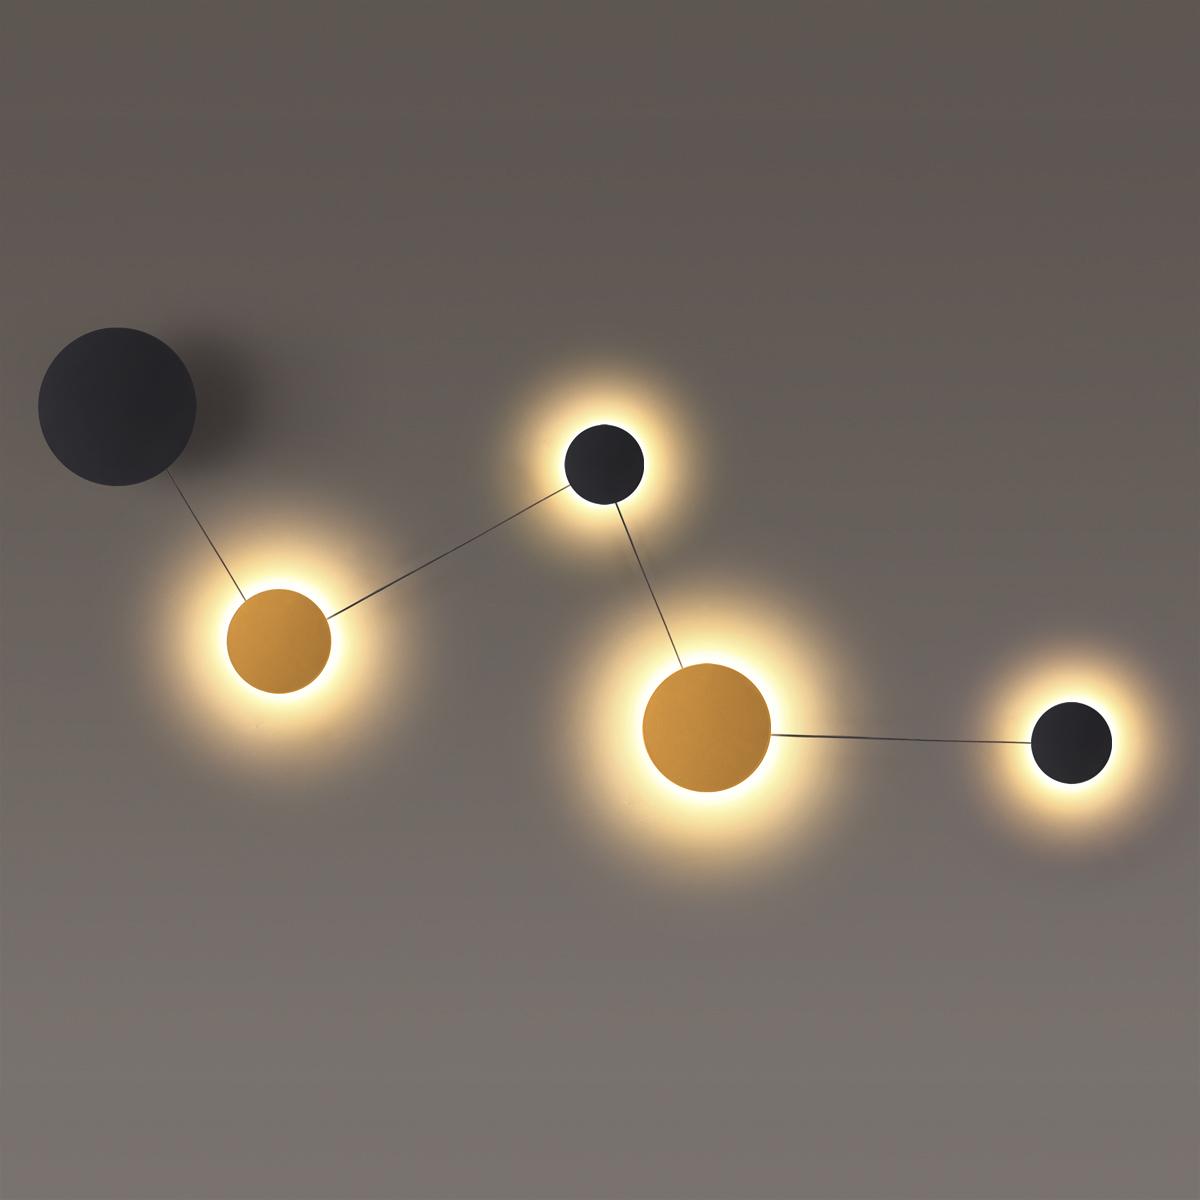 Настенный светодиодный светильник Odeon Light Hightech Galaxy 4211/38WL, LED 38W 3000K 1920lm, черный с золотом, матовое золото с черным, металл - фото 1